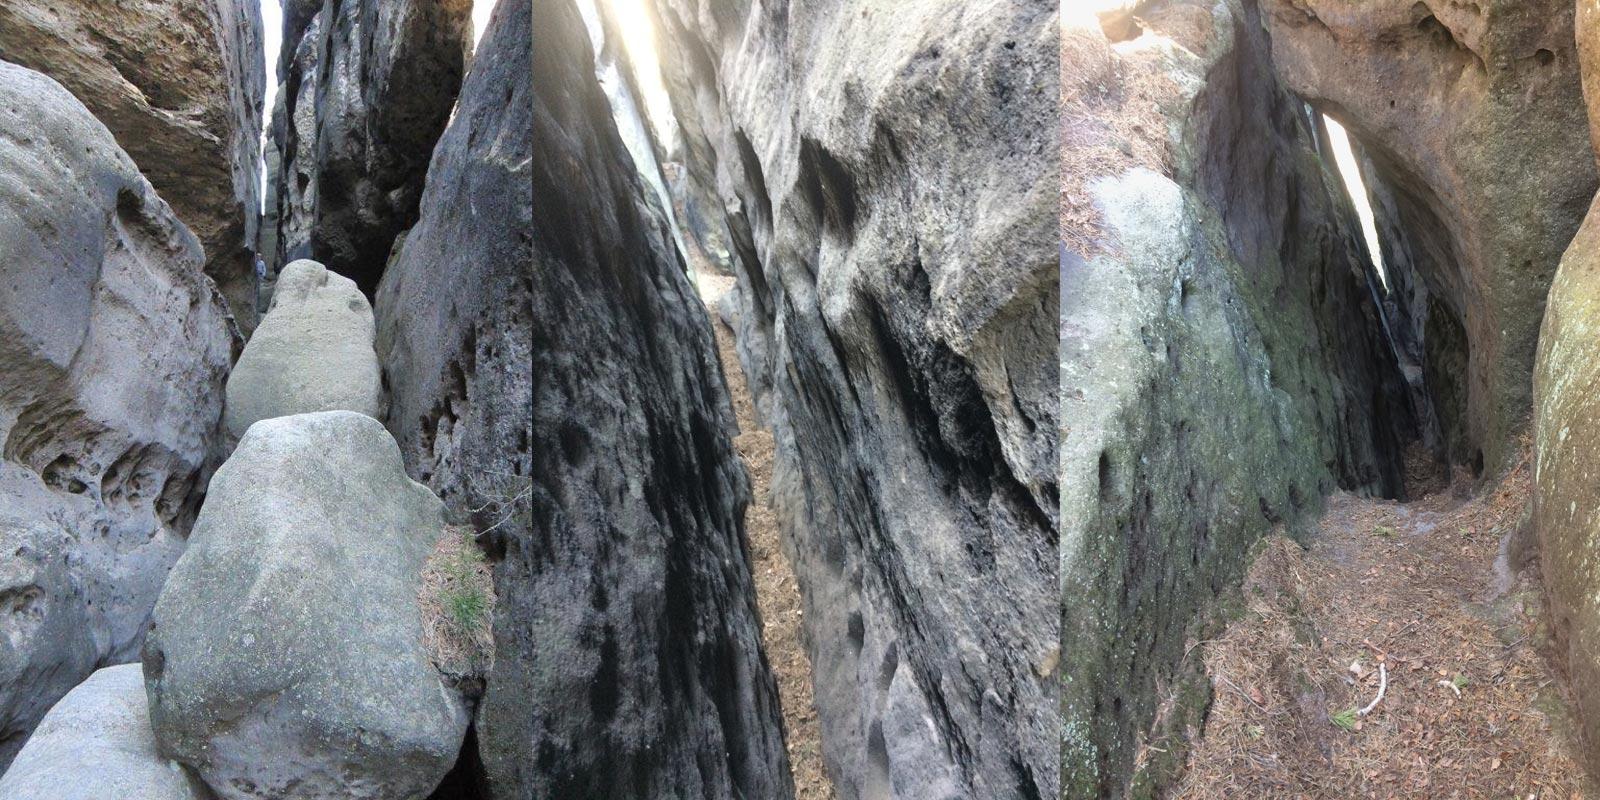 lang, eng, dunkel - der Weg zum Gipfel